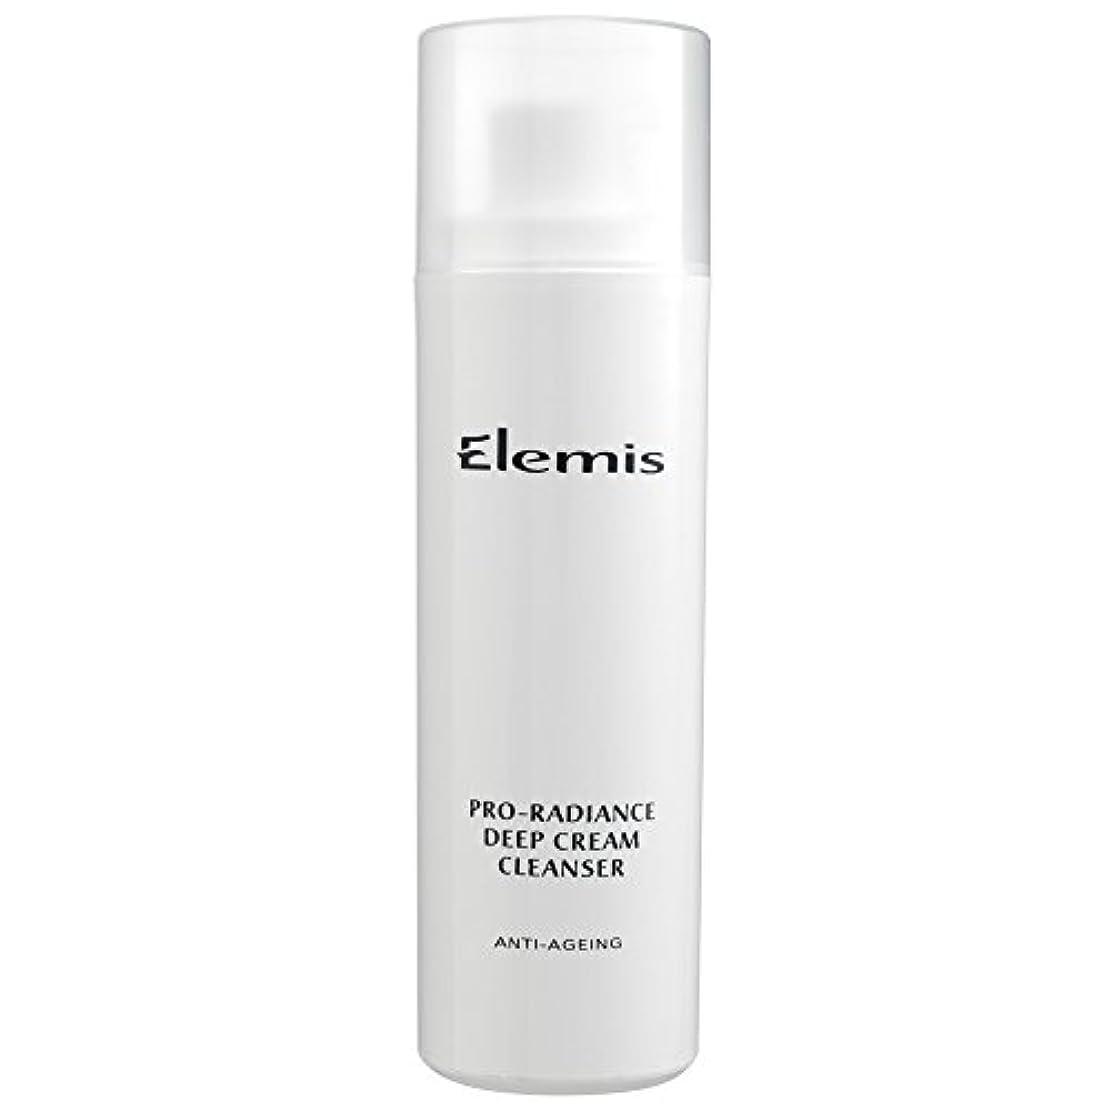 抜本的なスモッグエピソードエレミスプロ輝きクリームクレンザー、150ミリリットル (Elemis) (x2) - Elemis Pro-Radiance Cream Cleanser, 150ml (Pack of 2) [並行輸入品]